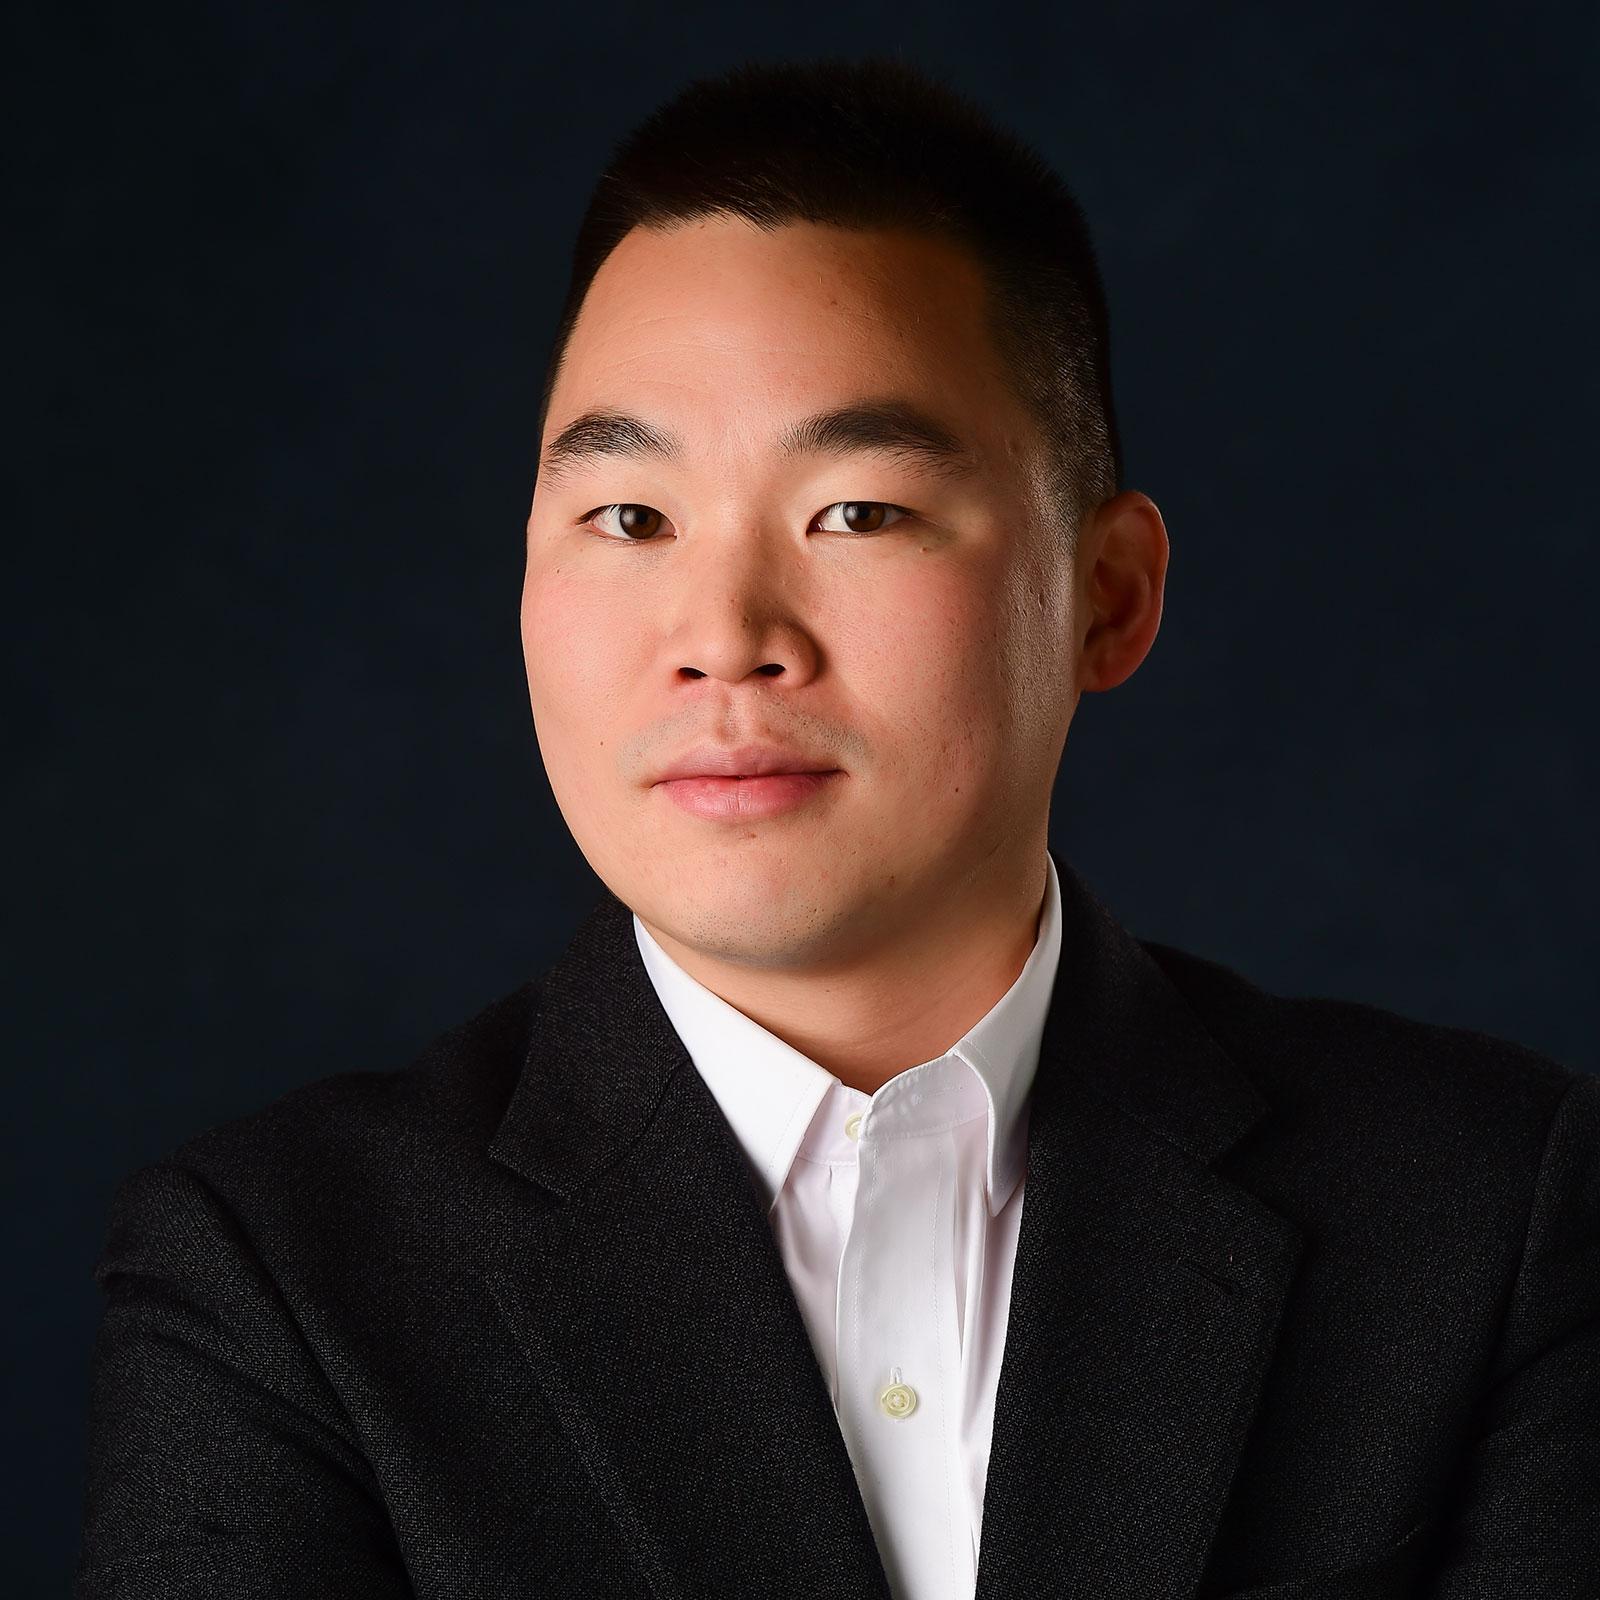 Chun Leung headshot